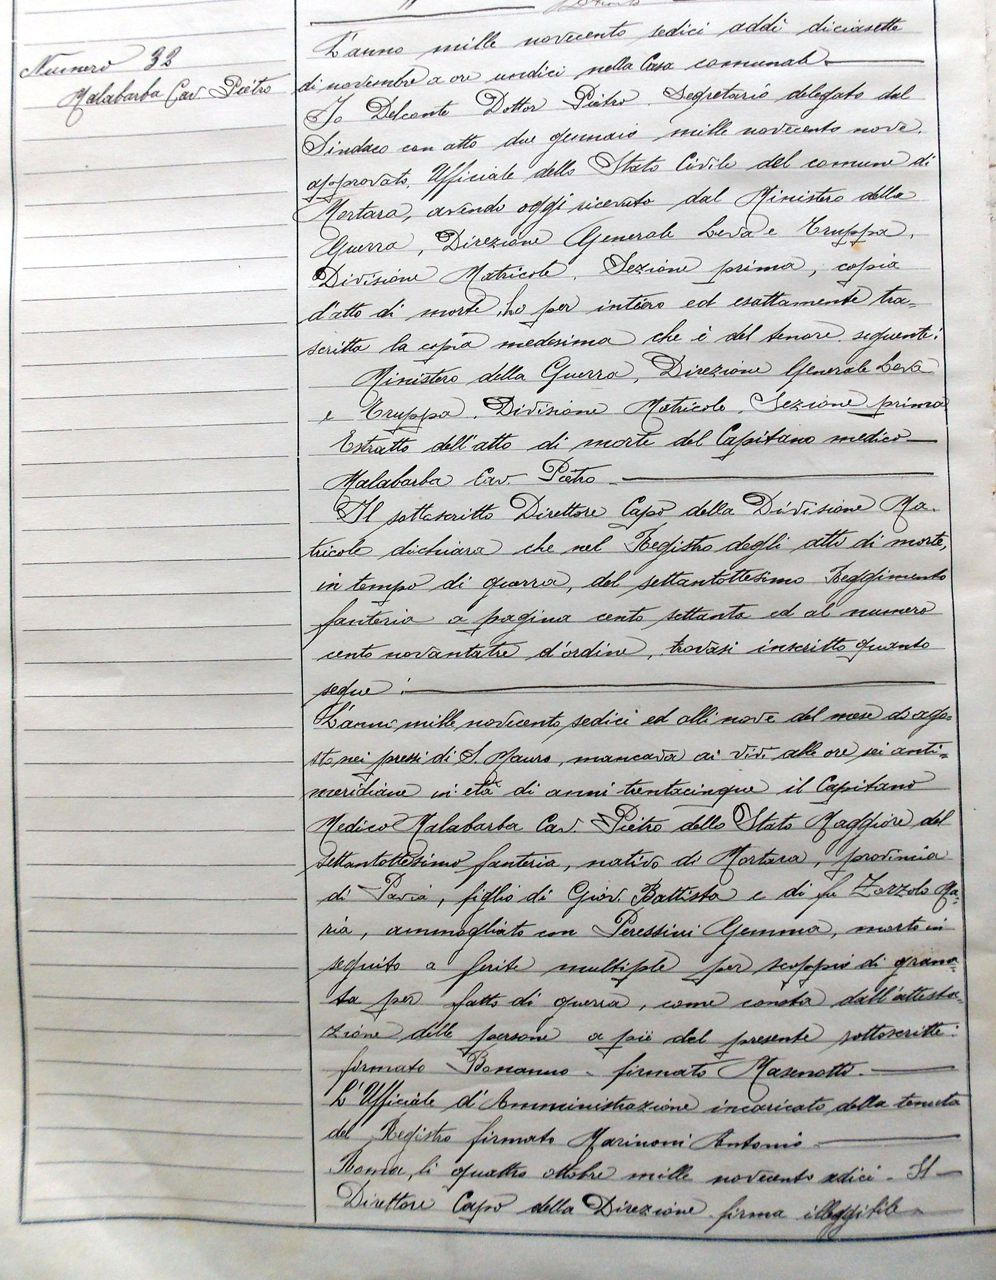 Atto di morte Malabarba Pietro - Archivio Storico Città di Mortara